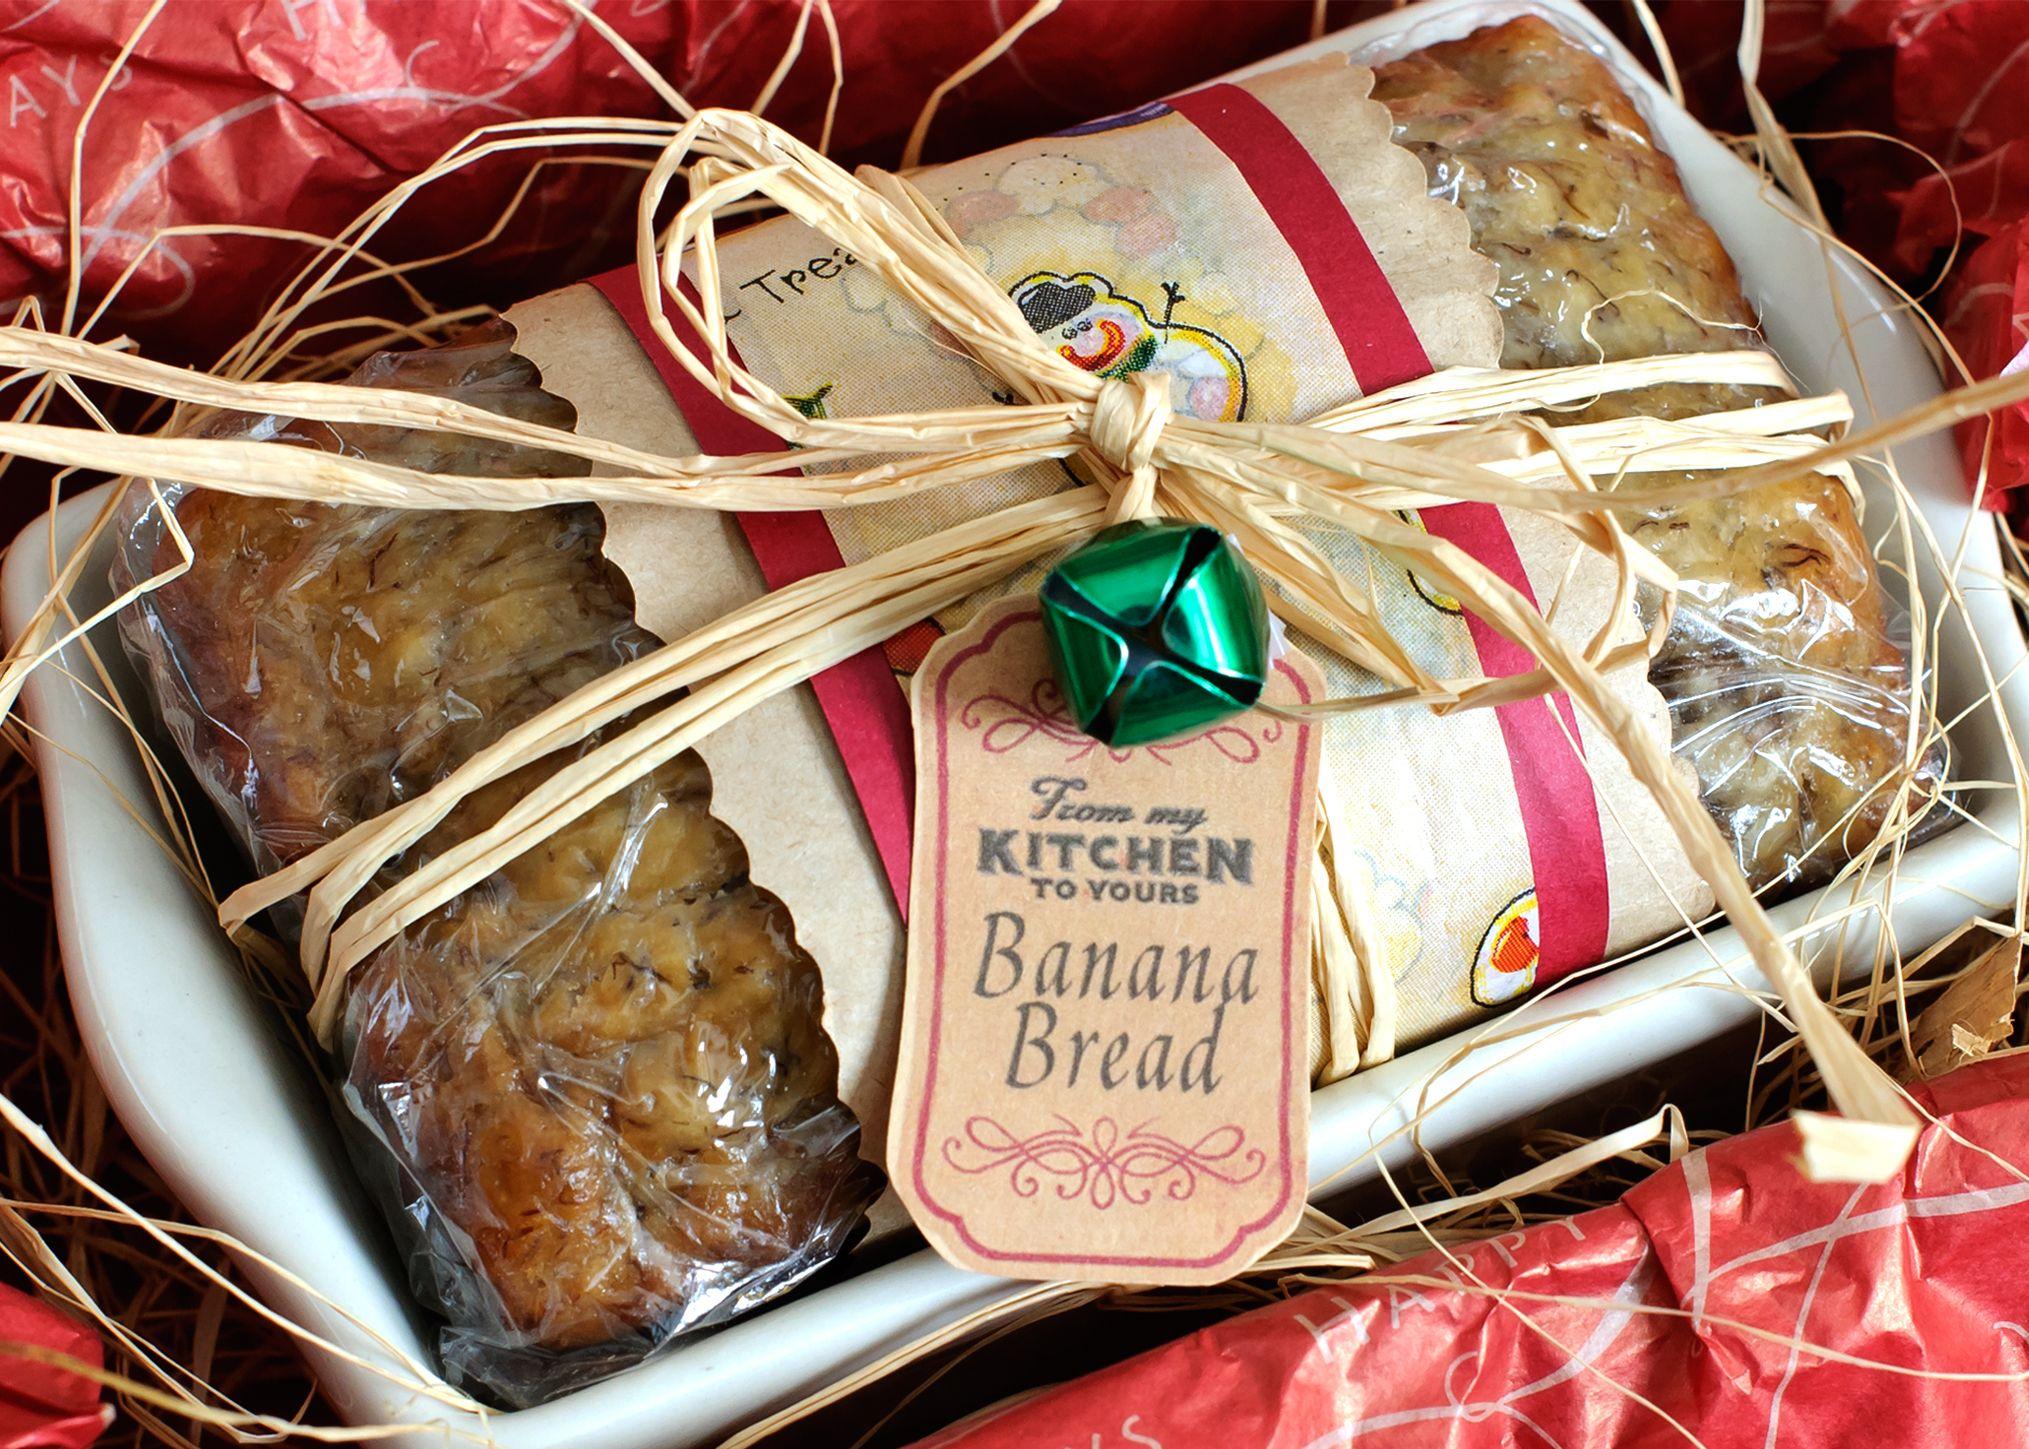 Mini banana bread loaves makes great holiday food gifts ...